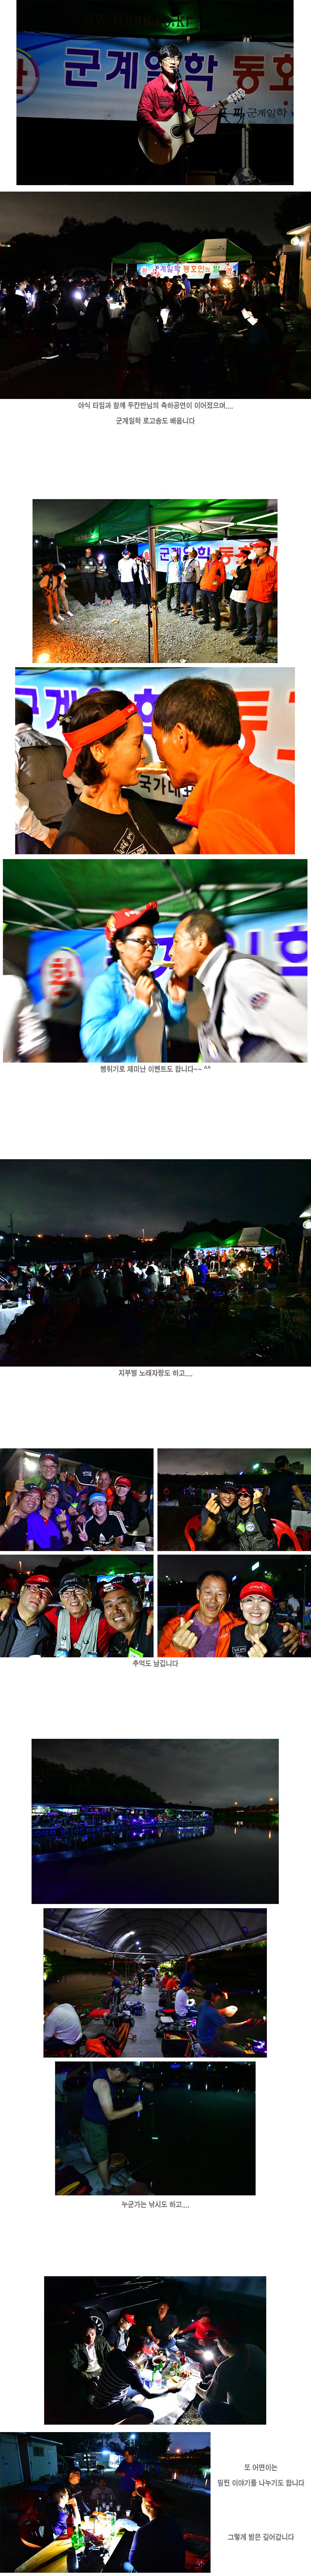 2018 동호인의 밤 05.jpg